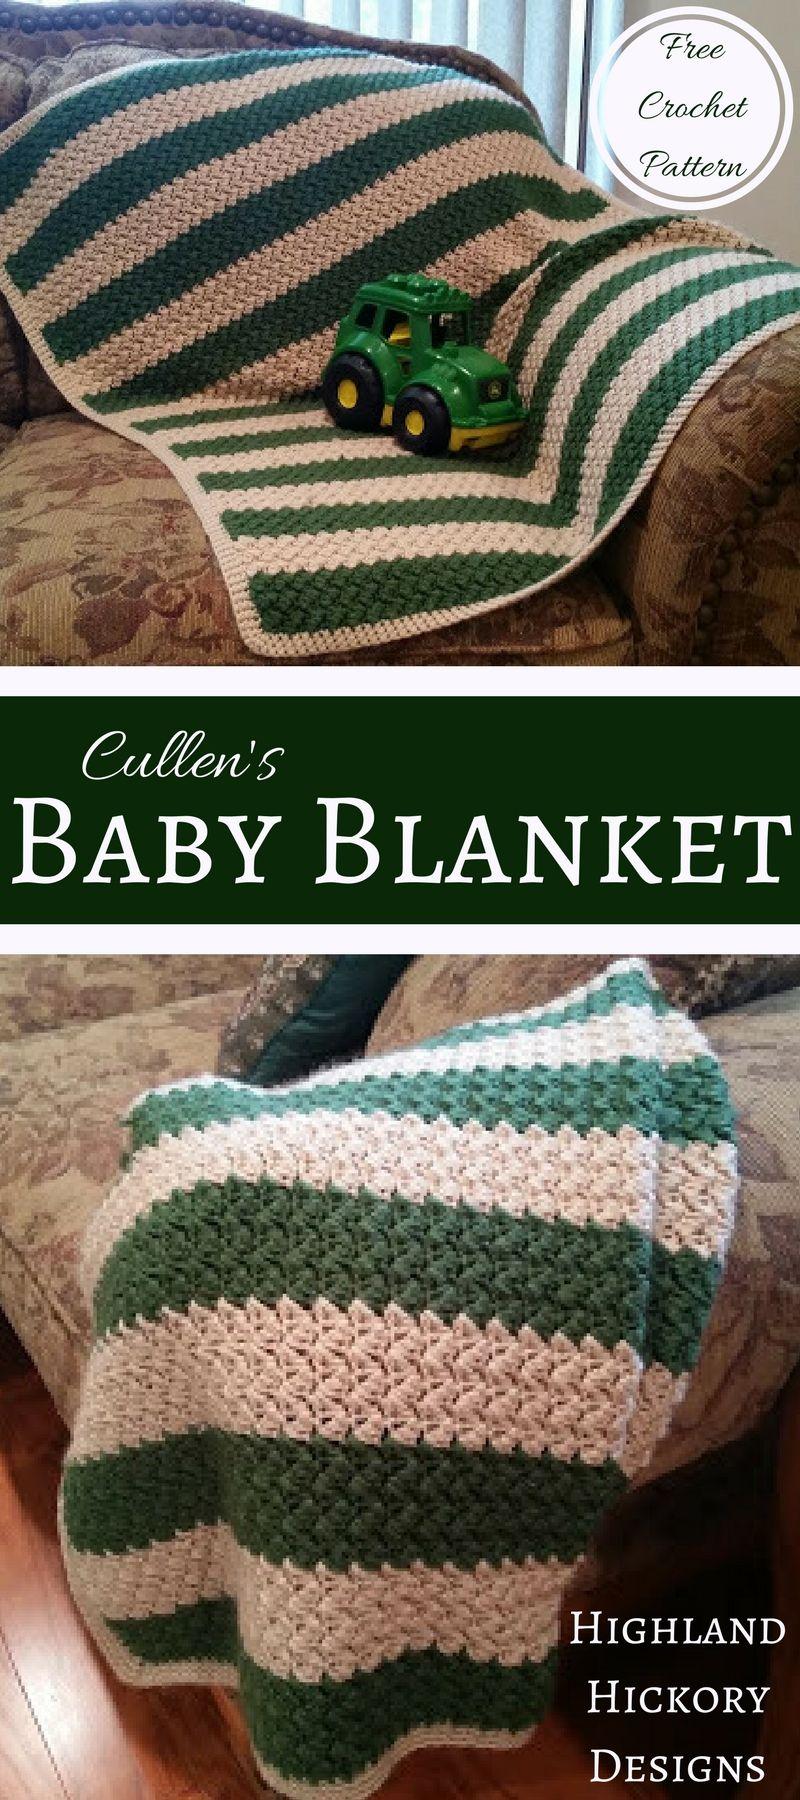 Cullen\'s Baby Blanket - Free Crochet Pattern | Häkeldecke, Das baby ...